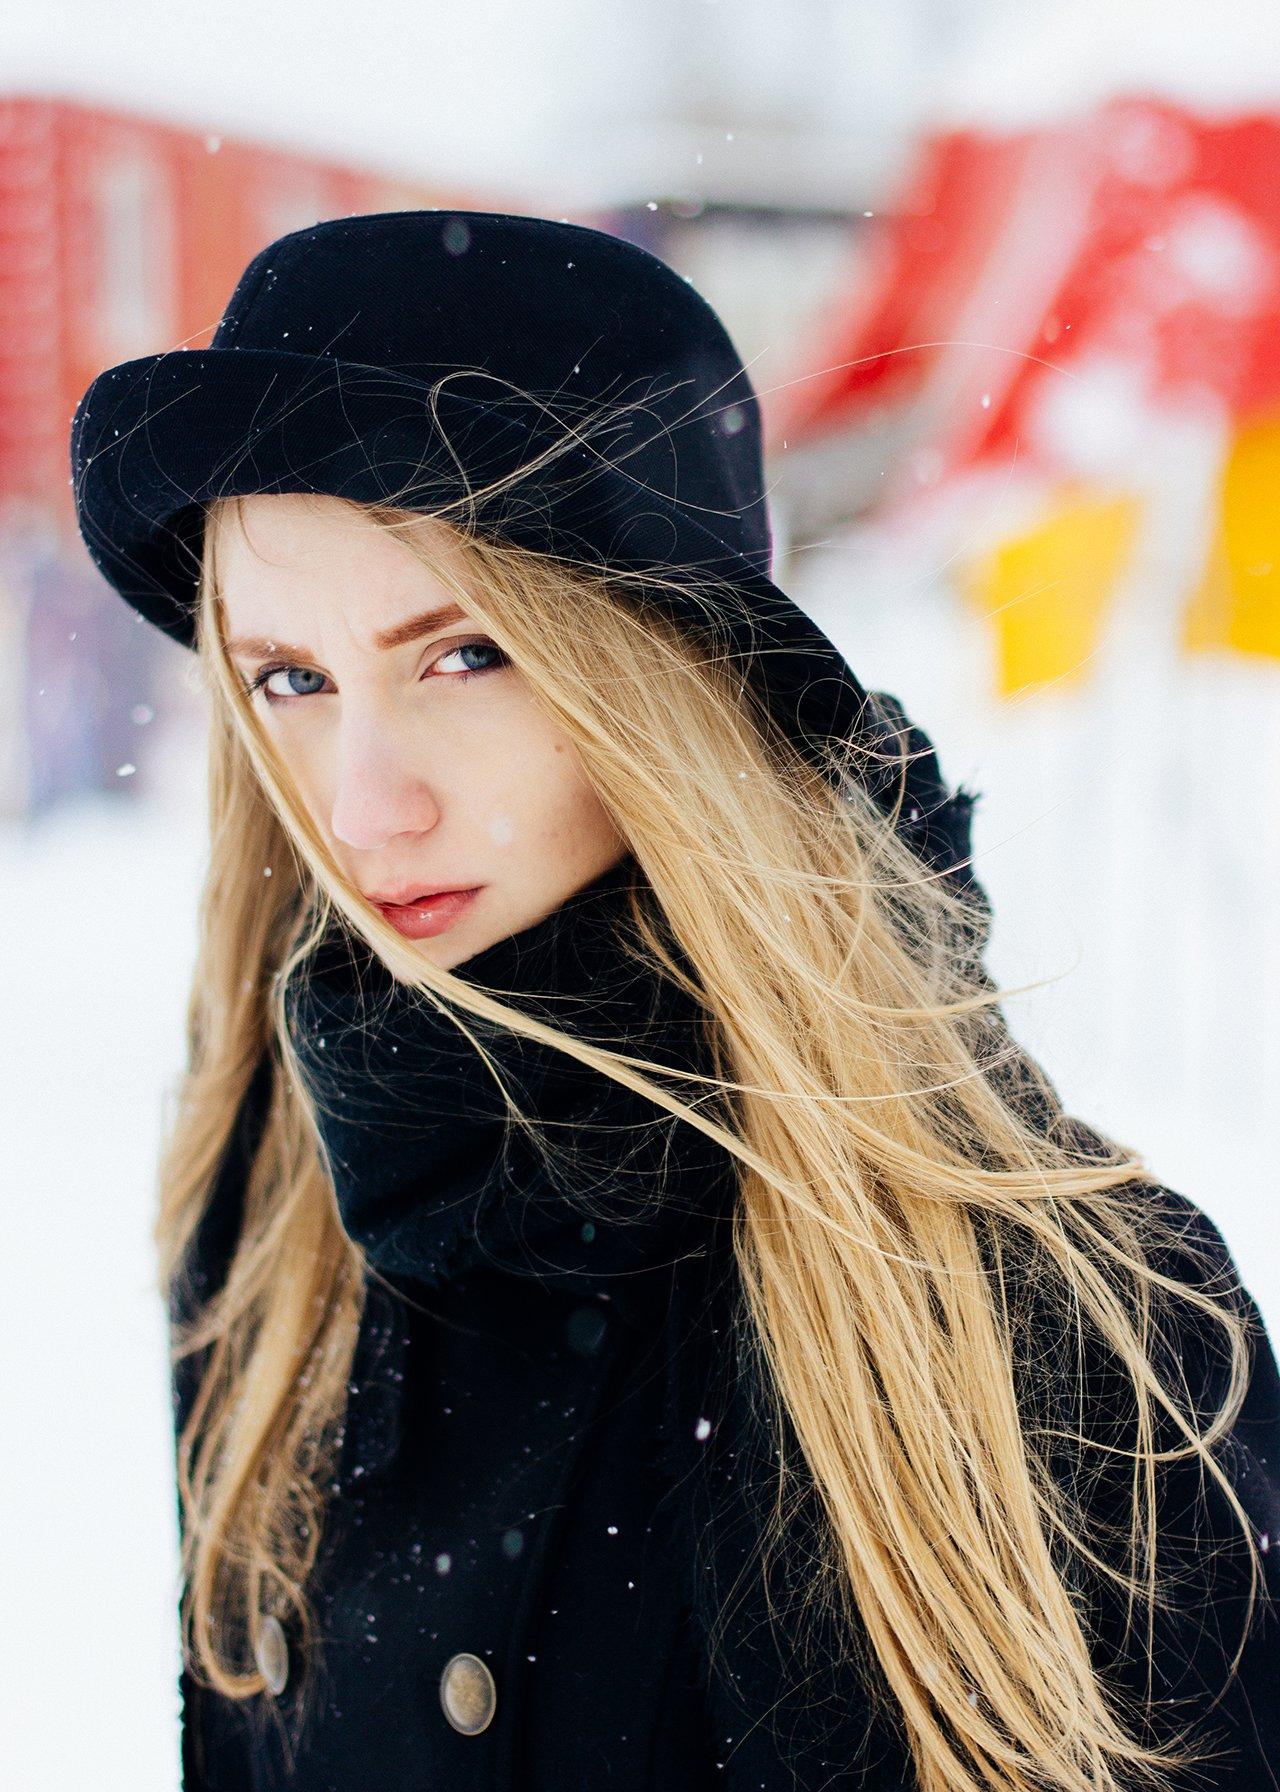 #girl #portrait #девушка, Саврасов Сергей